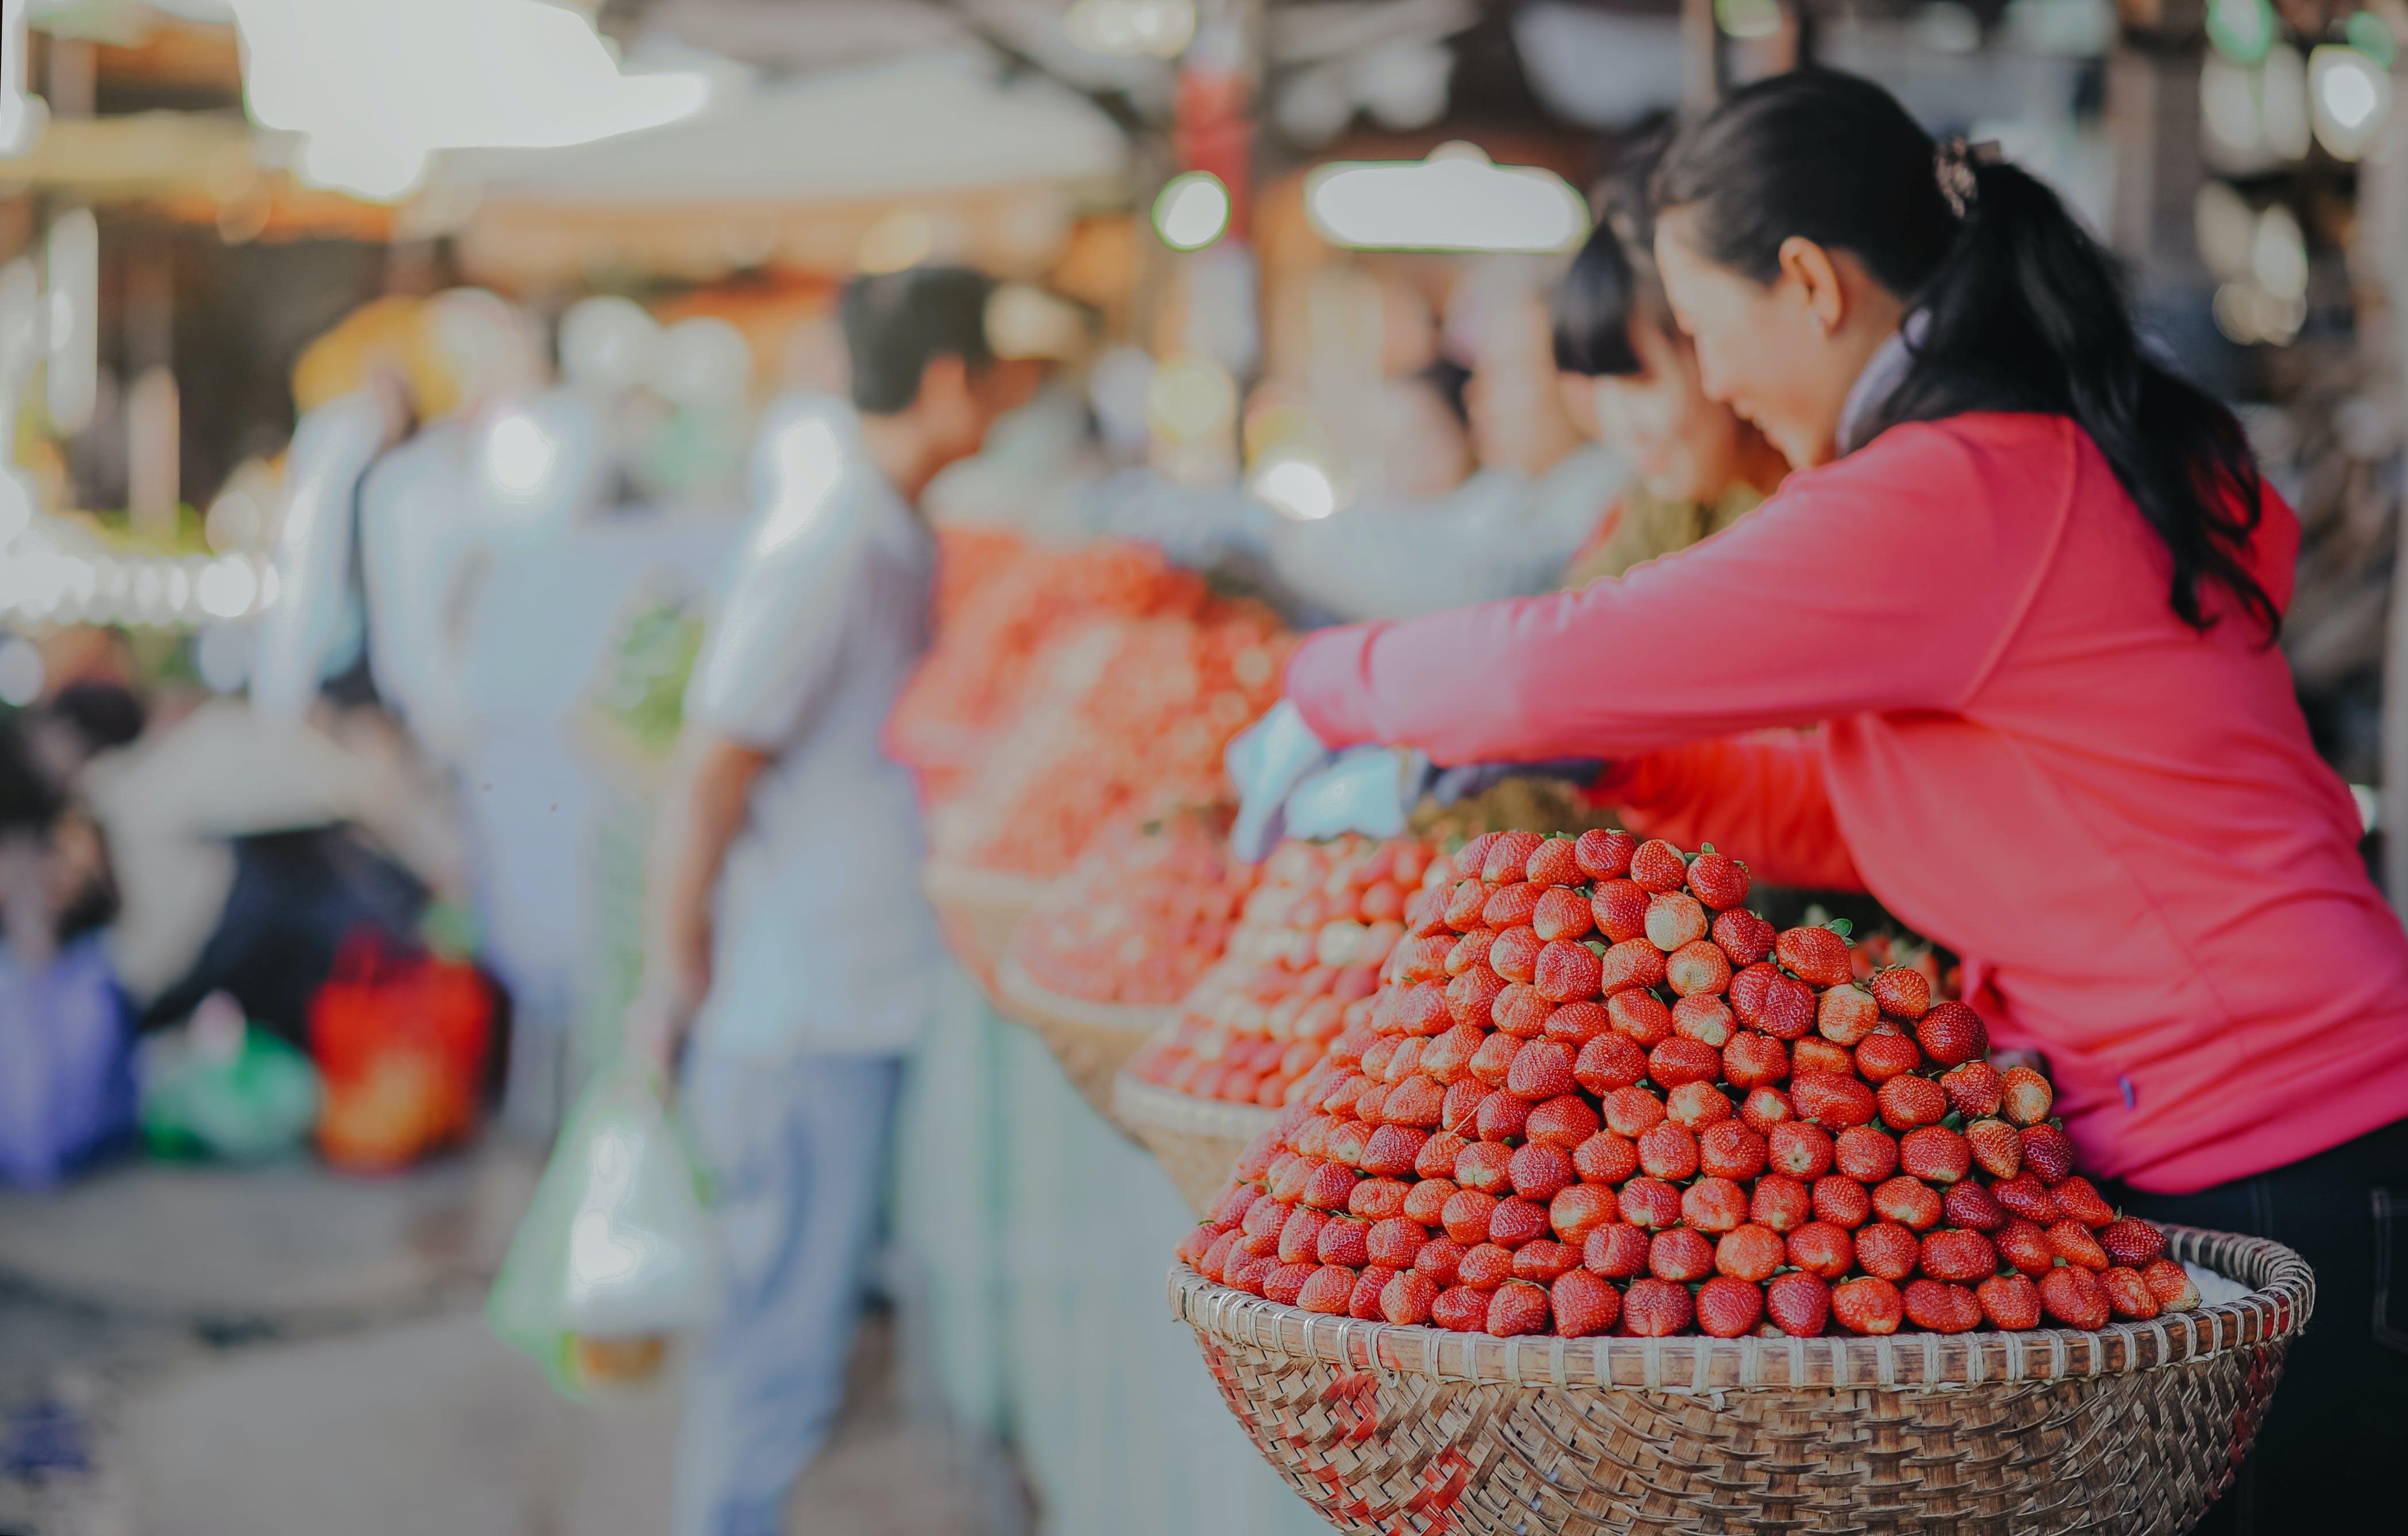 Kostenloses Stock Foto zu erdbeeren, essen, frau, früchte